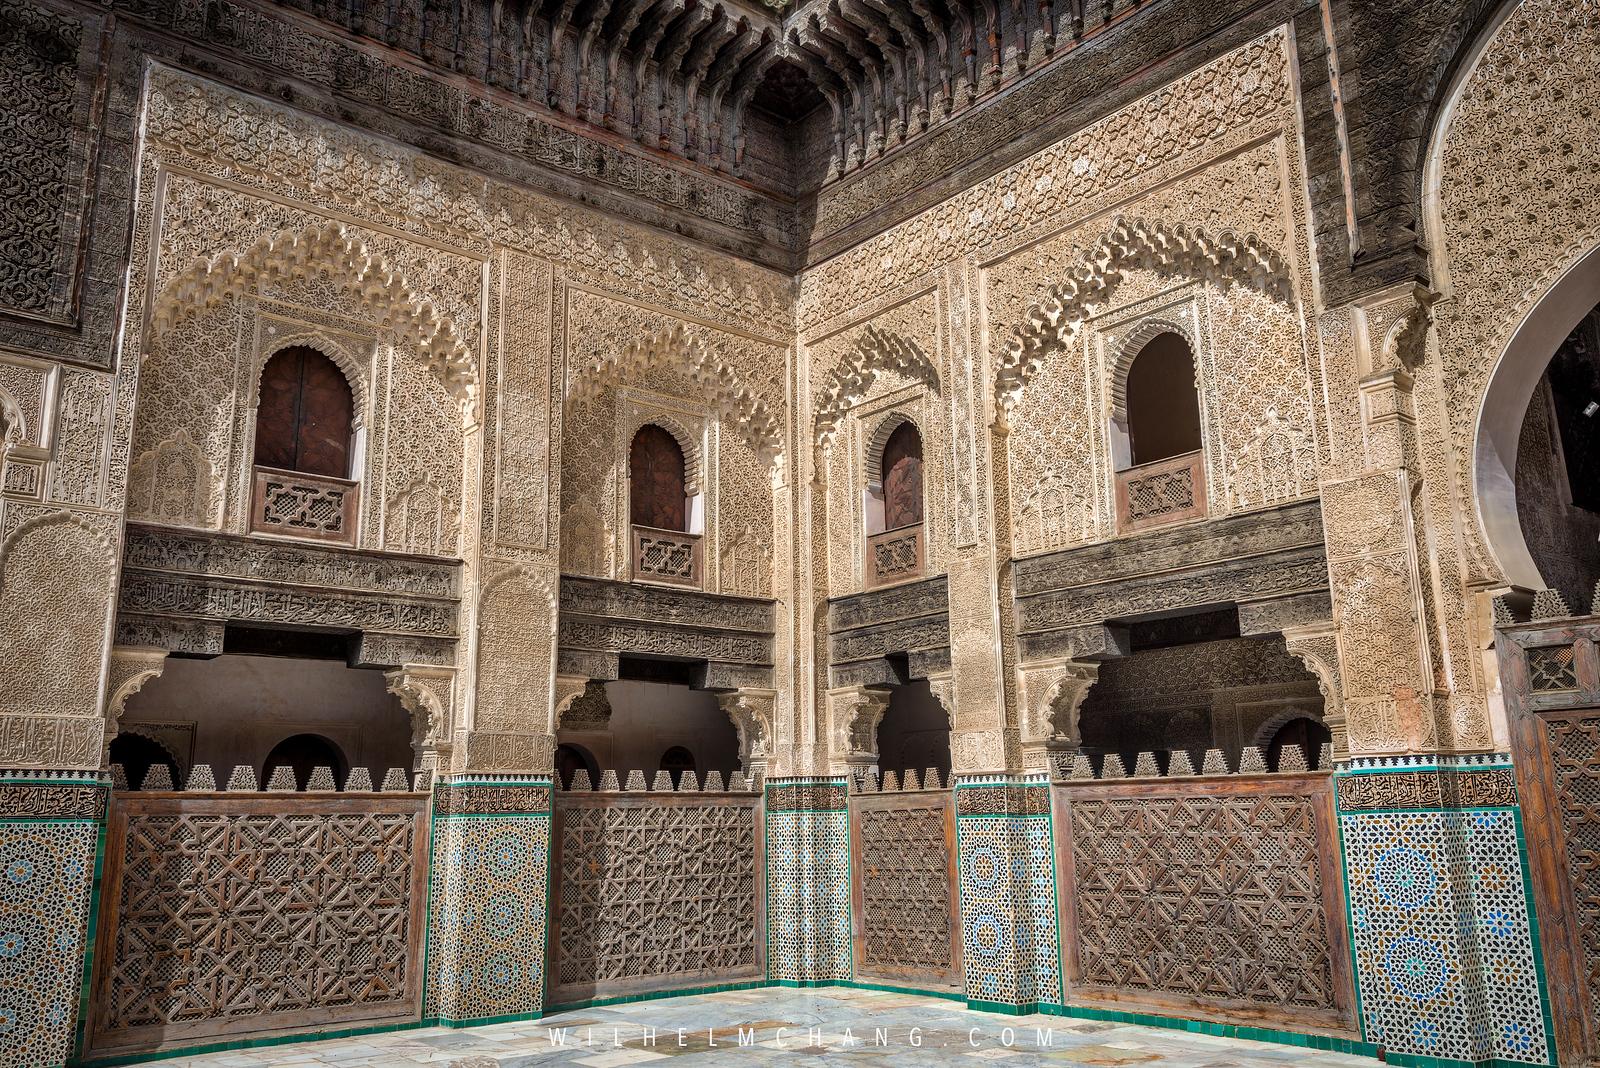 北非調色盤 摩洛哥 迷宮般的千年古城 菲斯 Fes 五大必拍主題 by Wilhelm Chang 張威廉